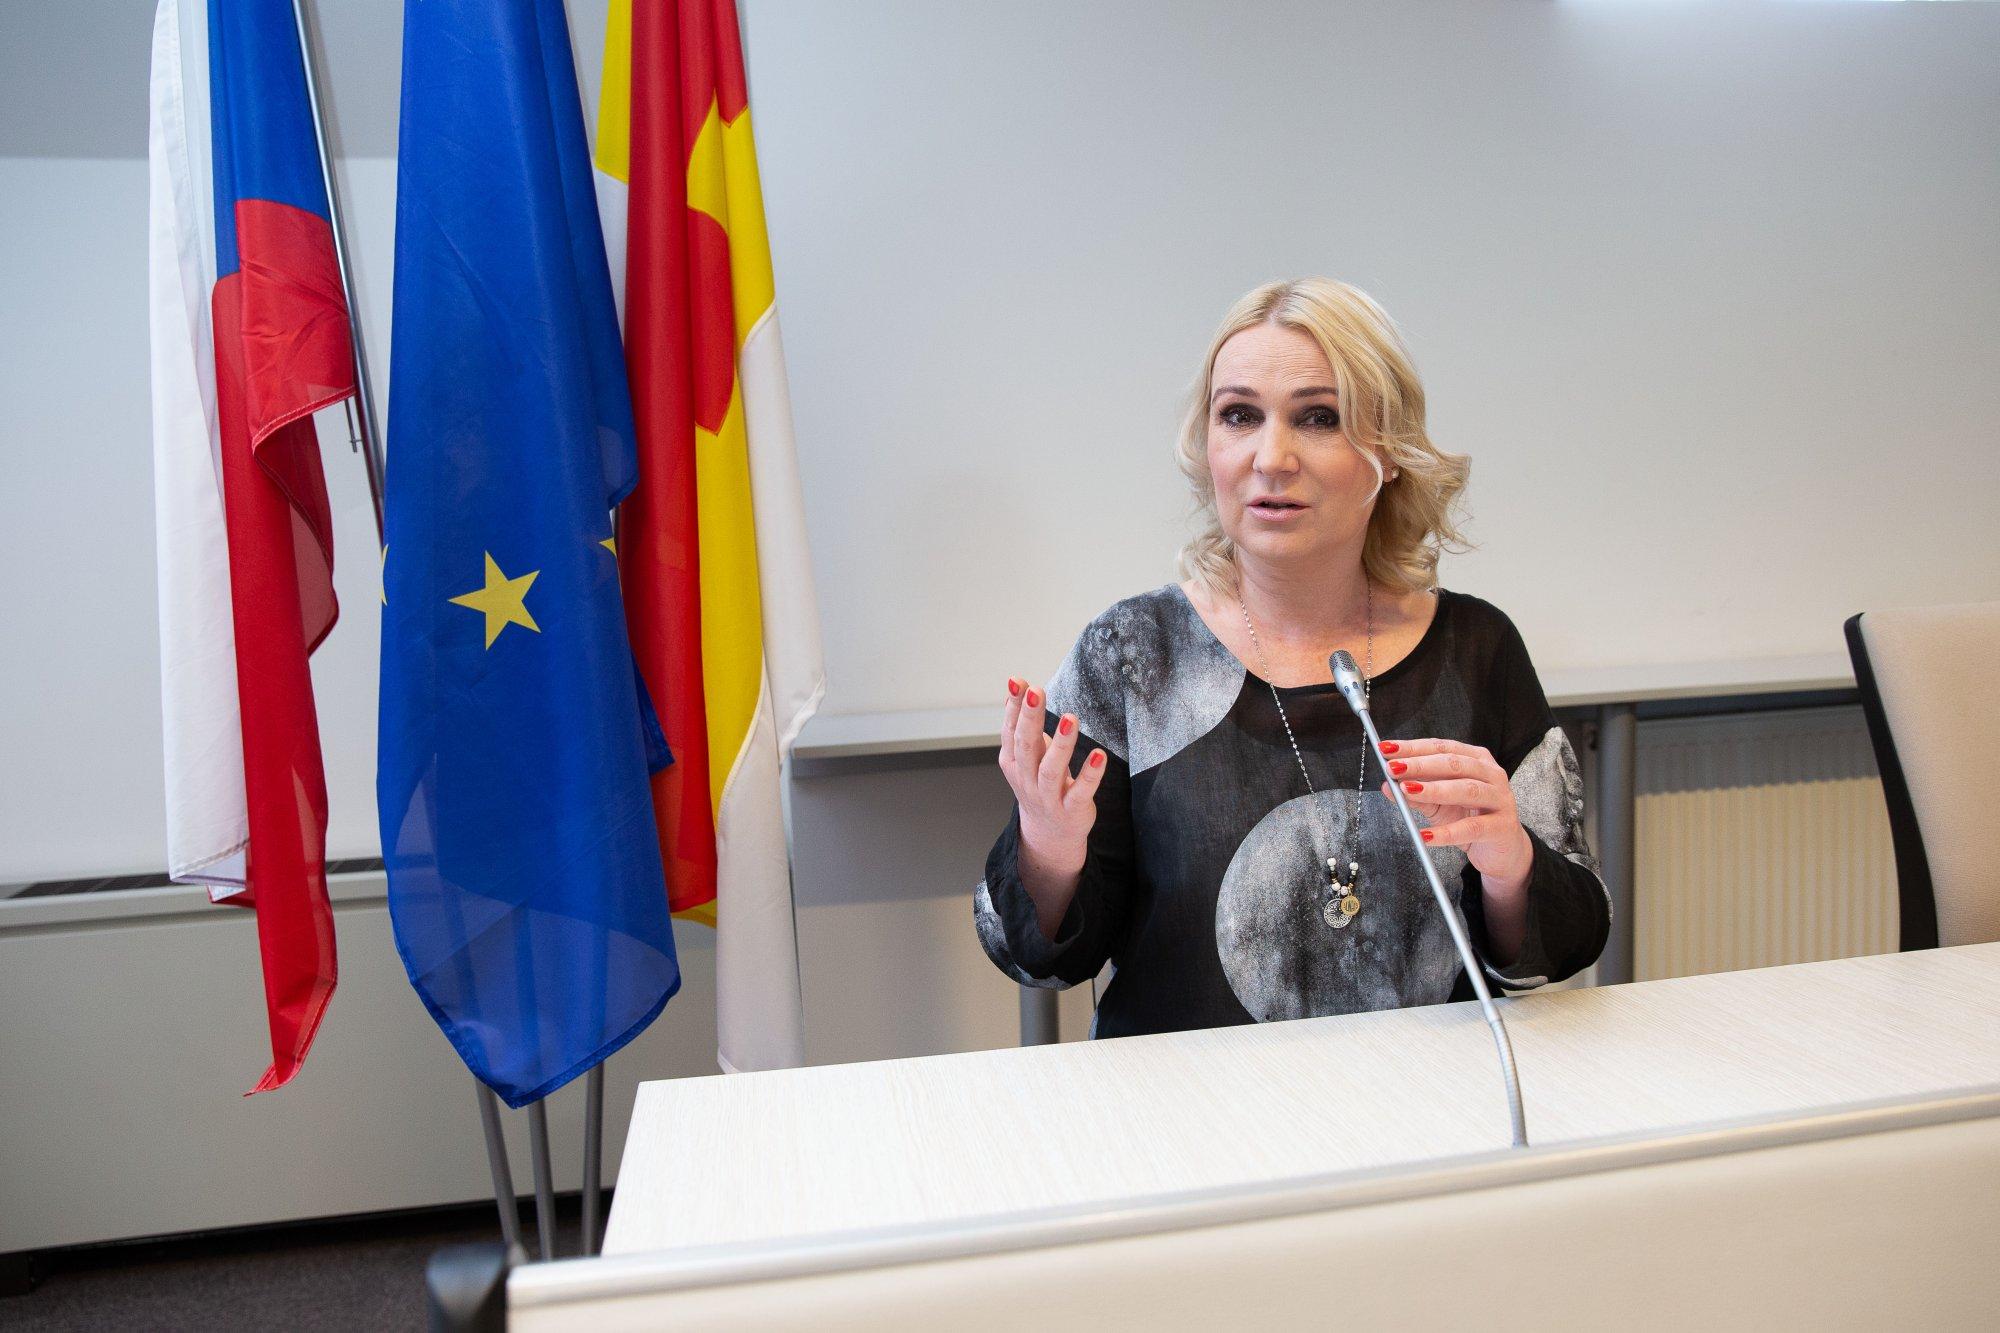 Je dobře, že se ČR nenechala zastrašit a vyhoštění ruských diplomatů probíhá podle plánu